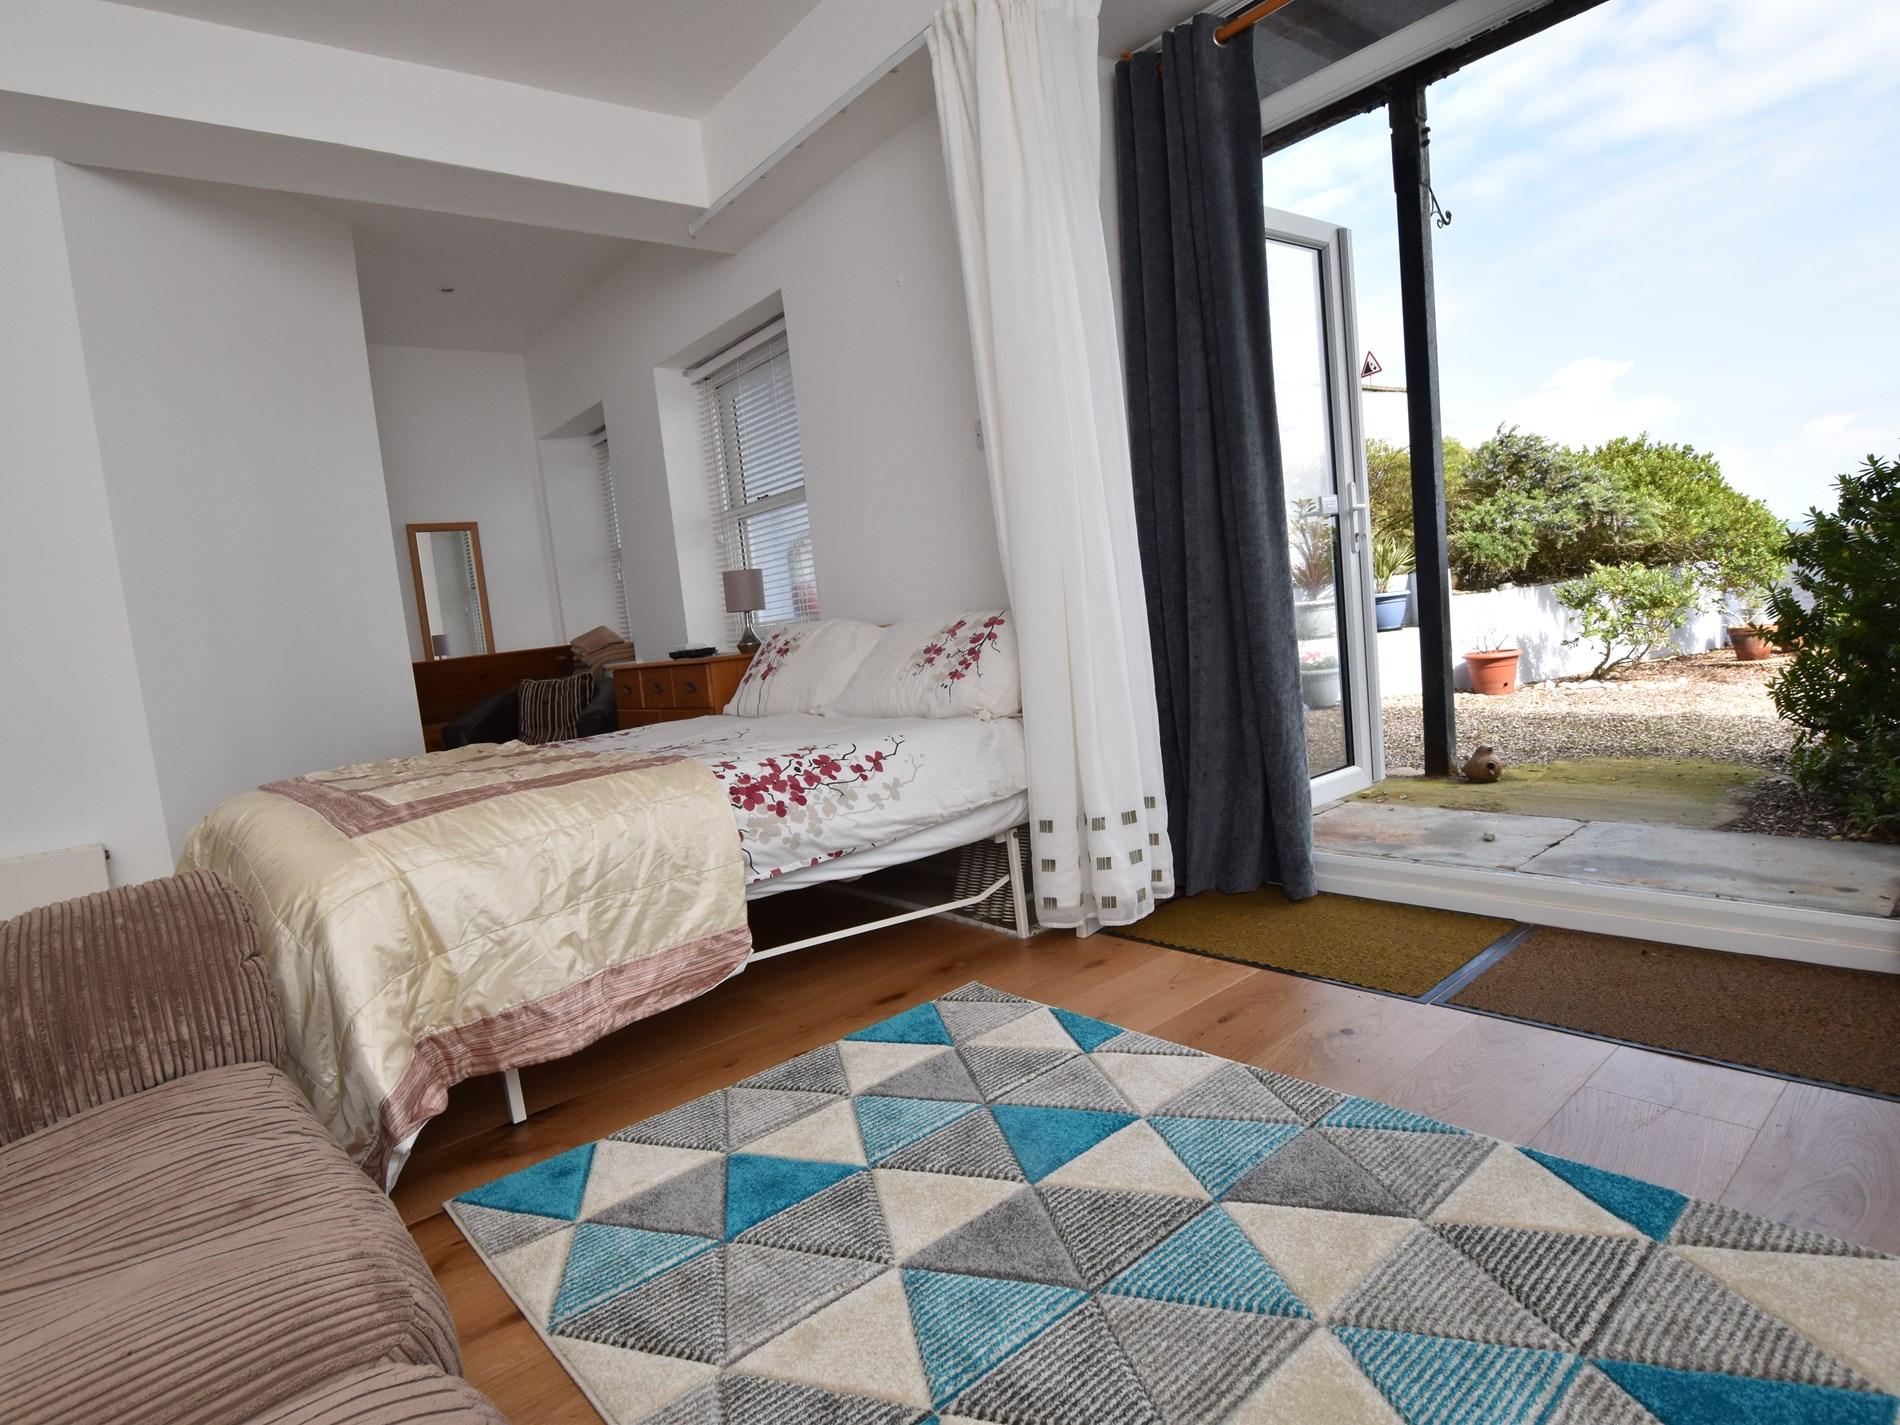 1 Bedroom Apartment in North Devon, Devon